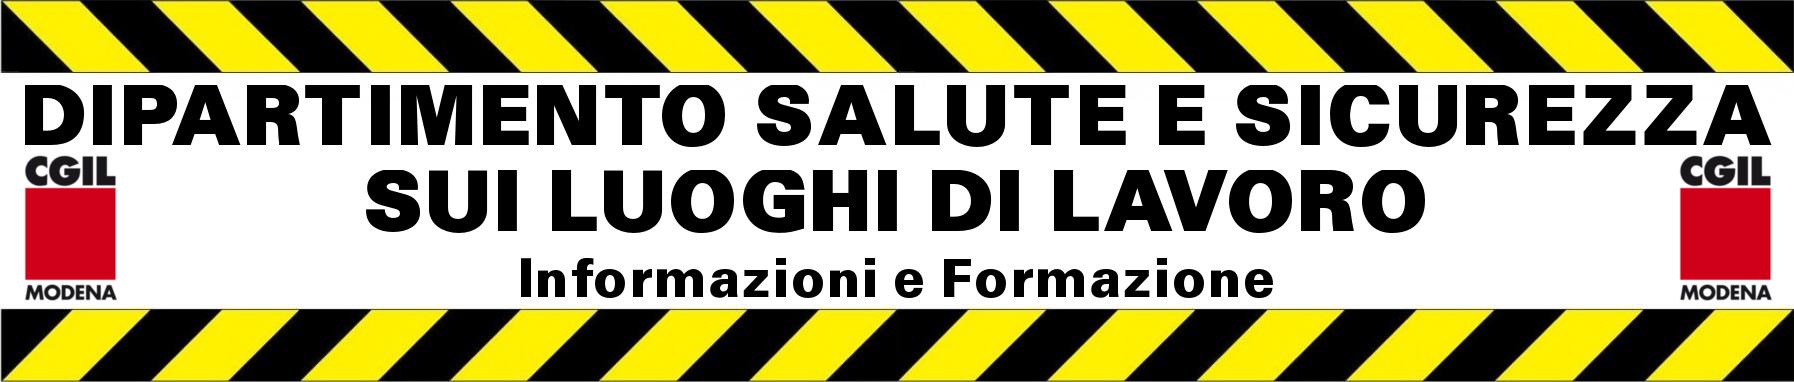 Dipartimento salute e sicurezza nei luoghi di lavoro - Cgil Modena